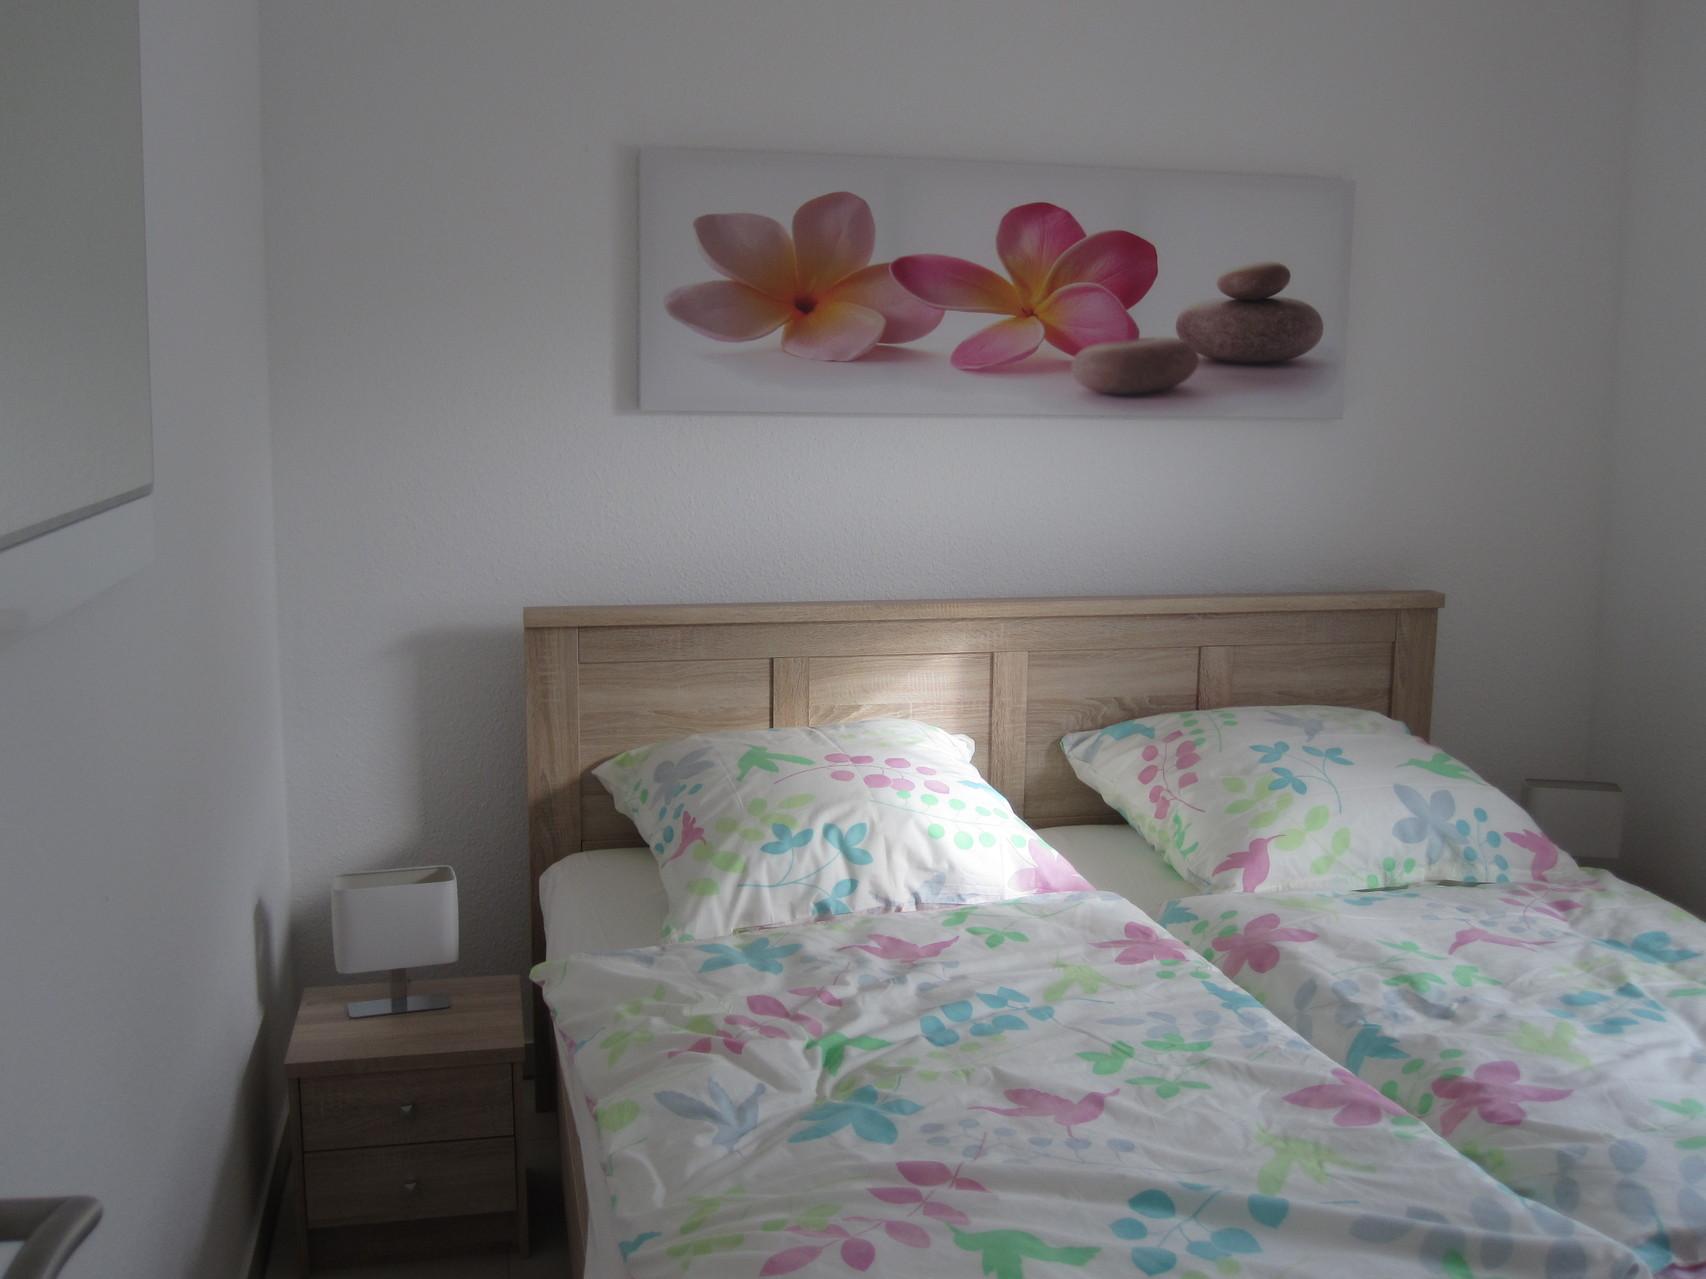 Schlafzimmer mit allergikergeeignetem Bettzeug (bei 95 Grad waschbar) und Baumwollbettwäsche (keine Kunstfaser)